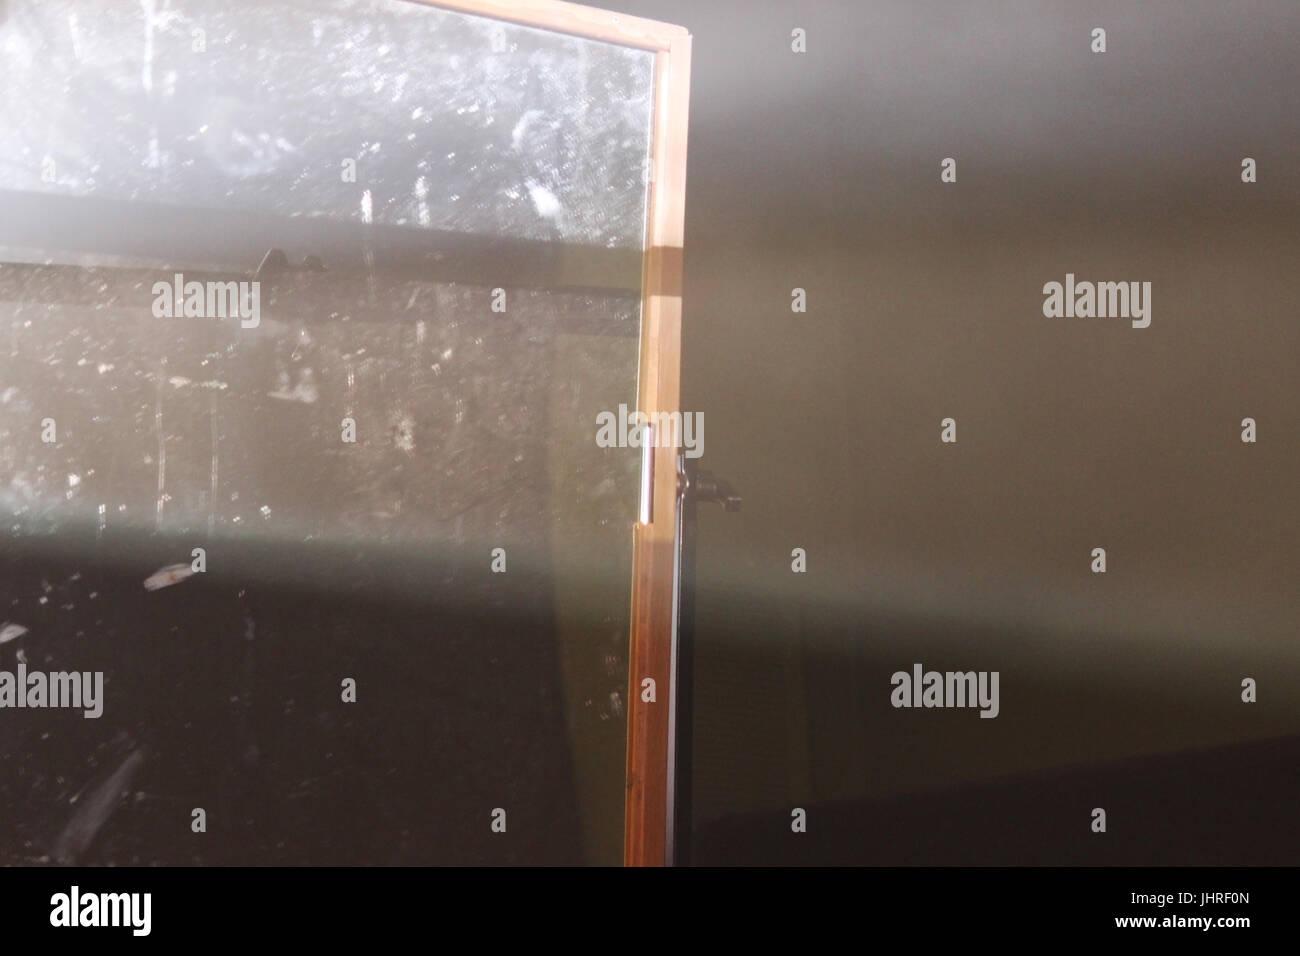 La lumière est réfléchie par le miroir sur un trépied pour éclairage intérieur dans Photo Stock